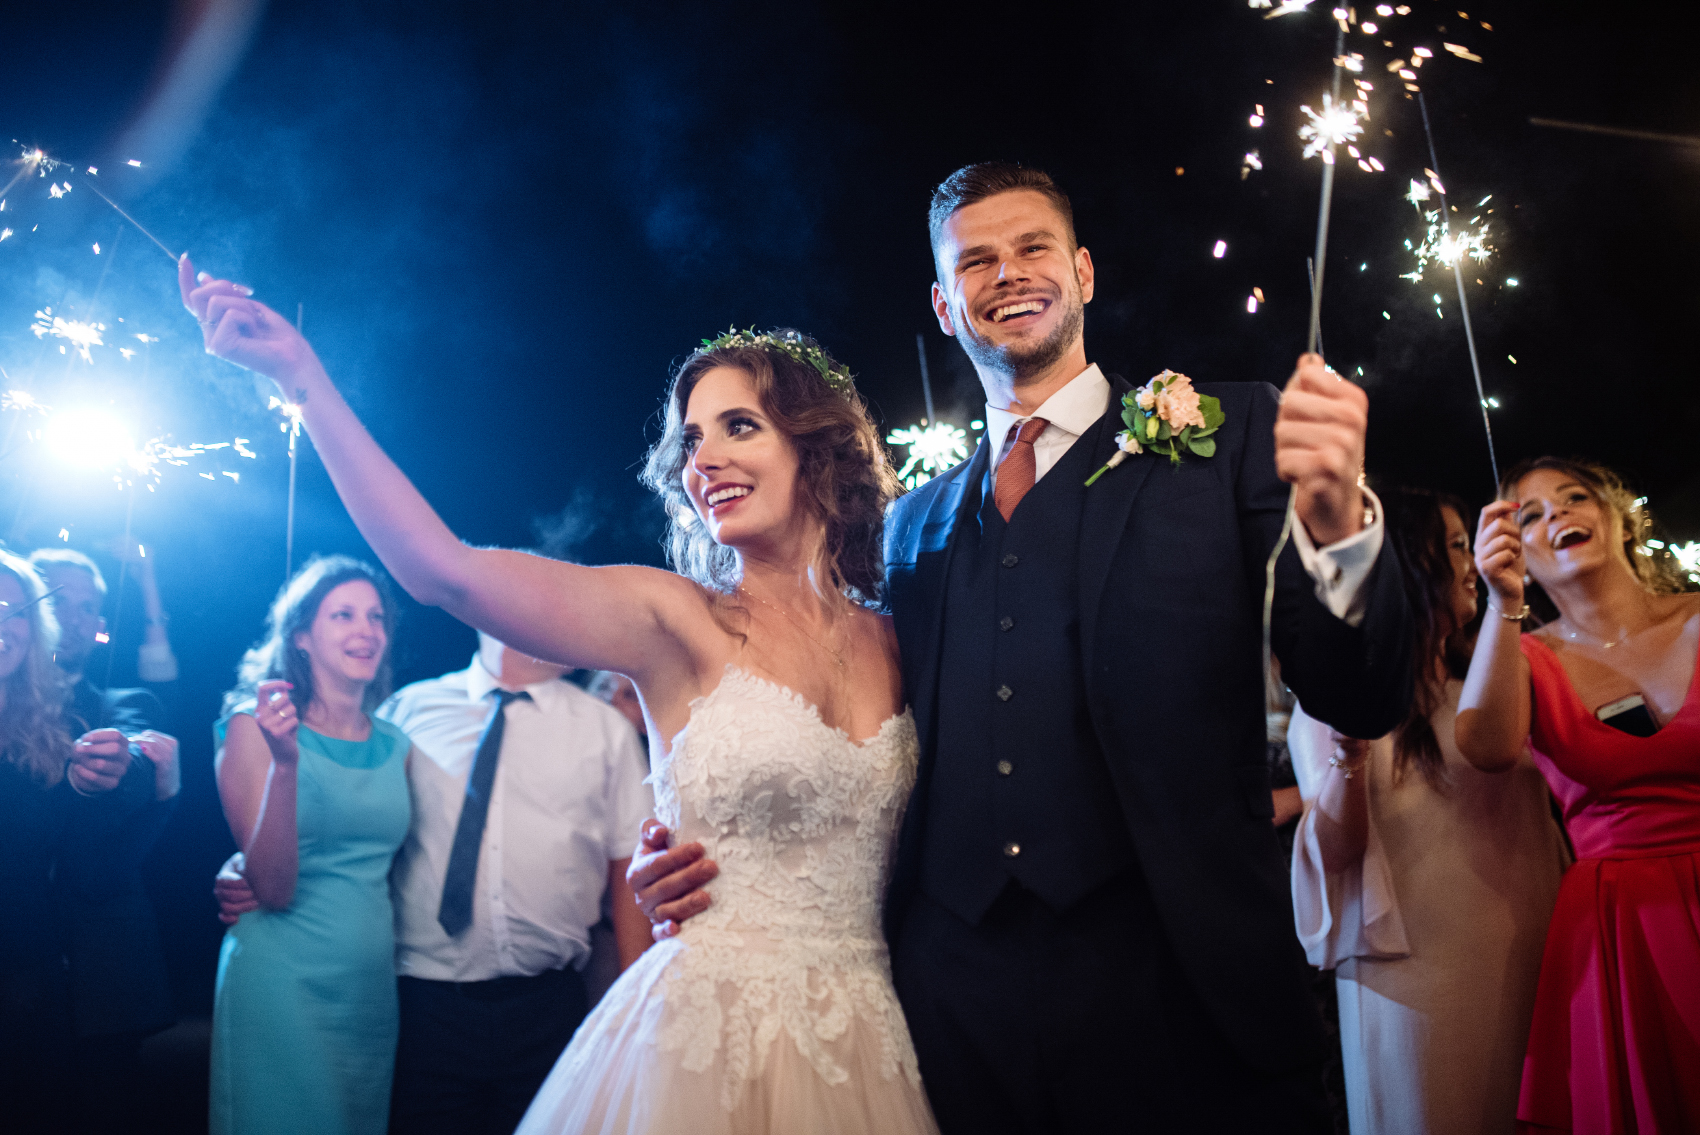 Atrakcje weselne - zdjęcia z zimnymi ogniami na weselu